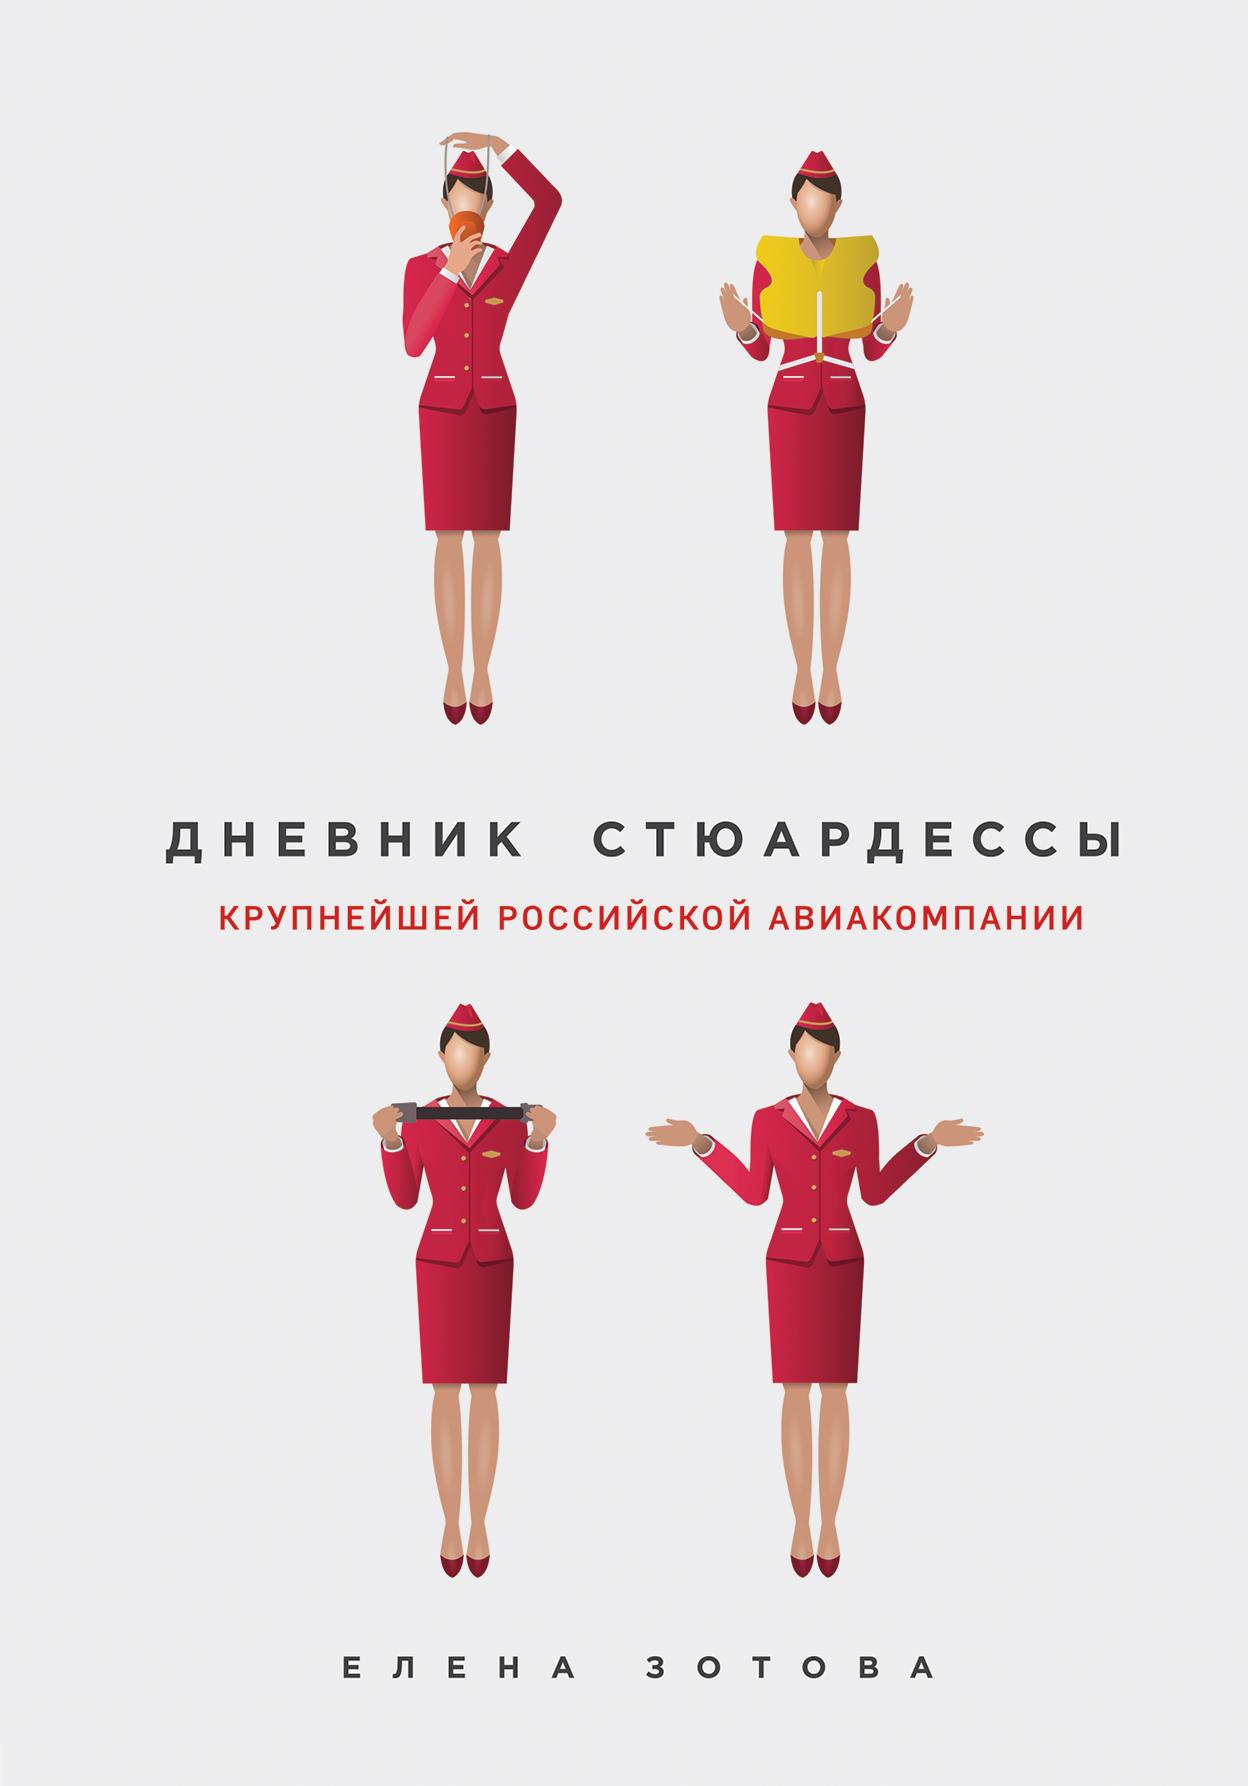 Елена Зотова Дневник стюардессы елена зотова дневник стюардессы